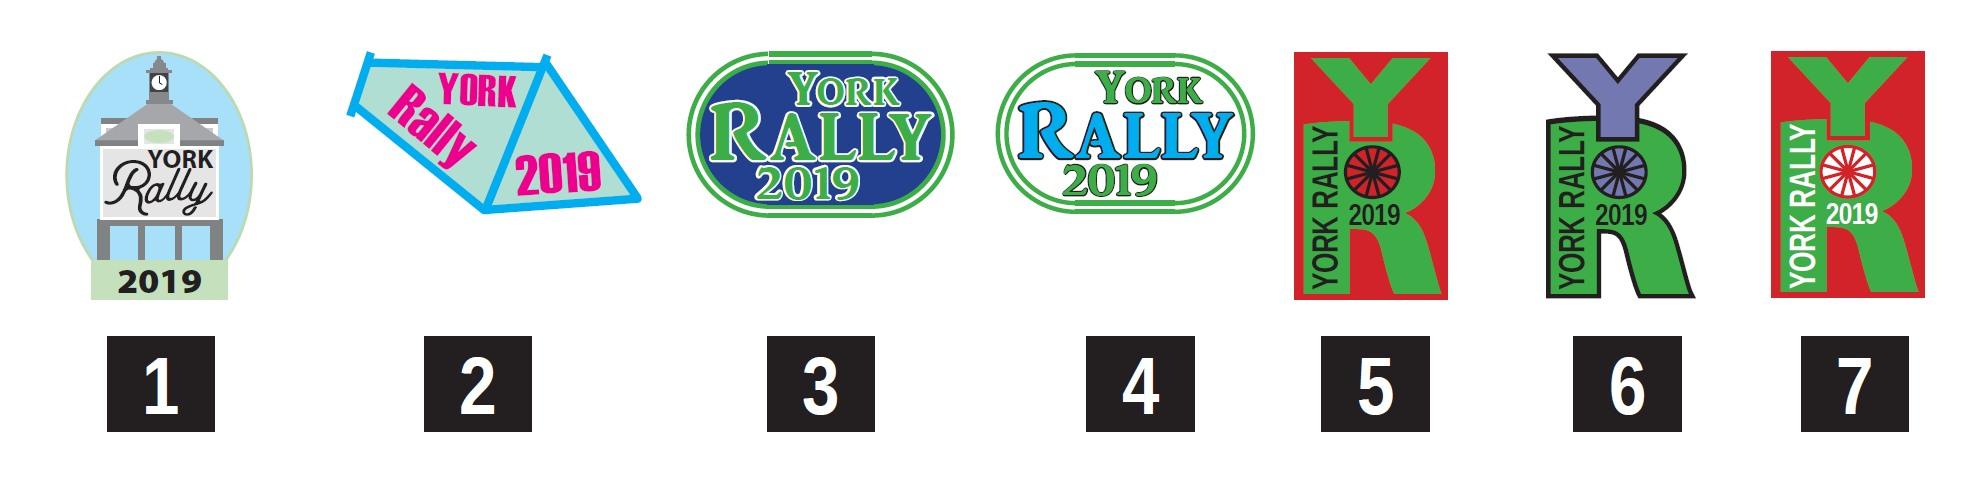 2019 badges v3